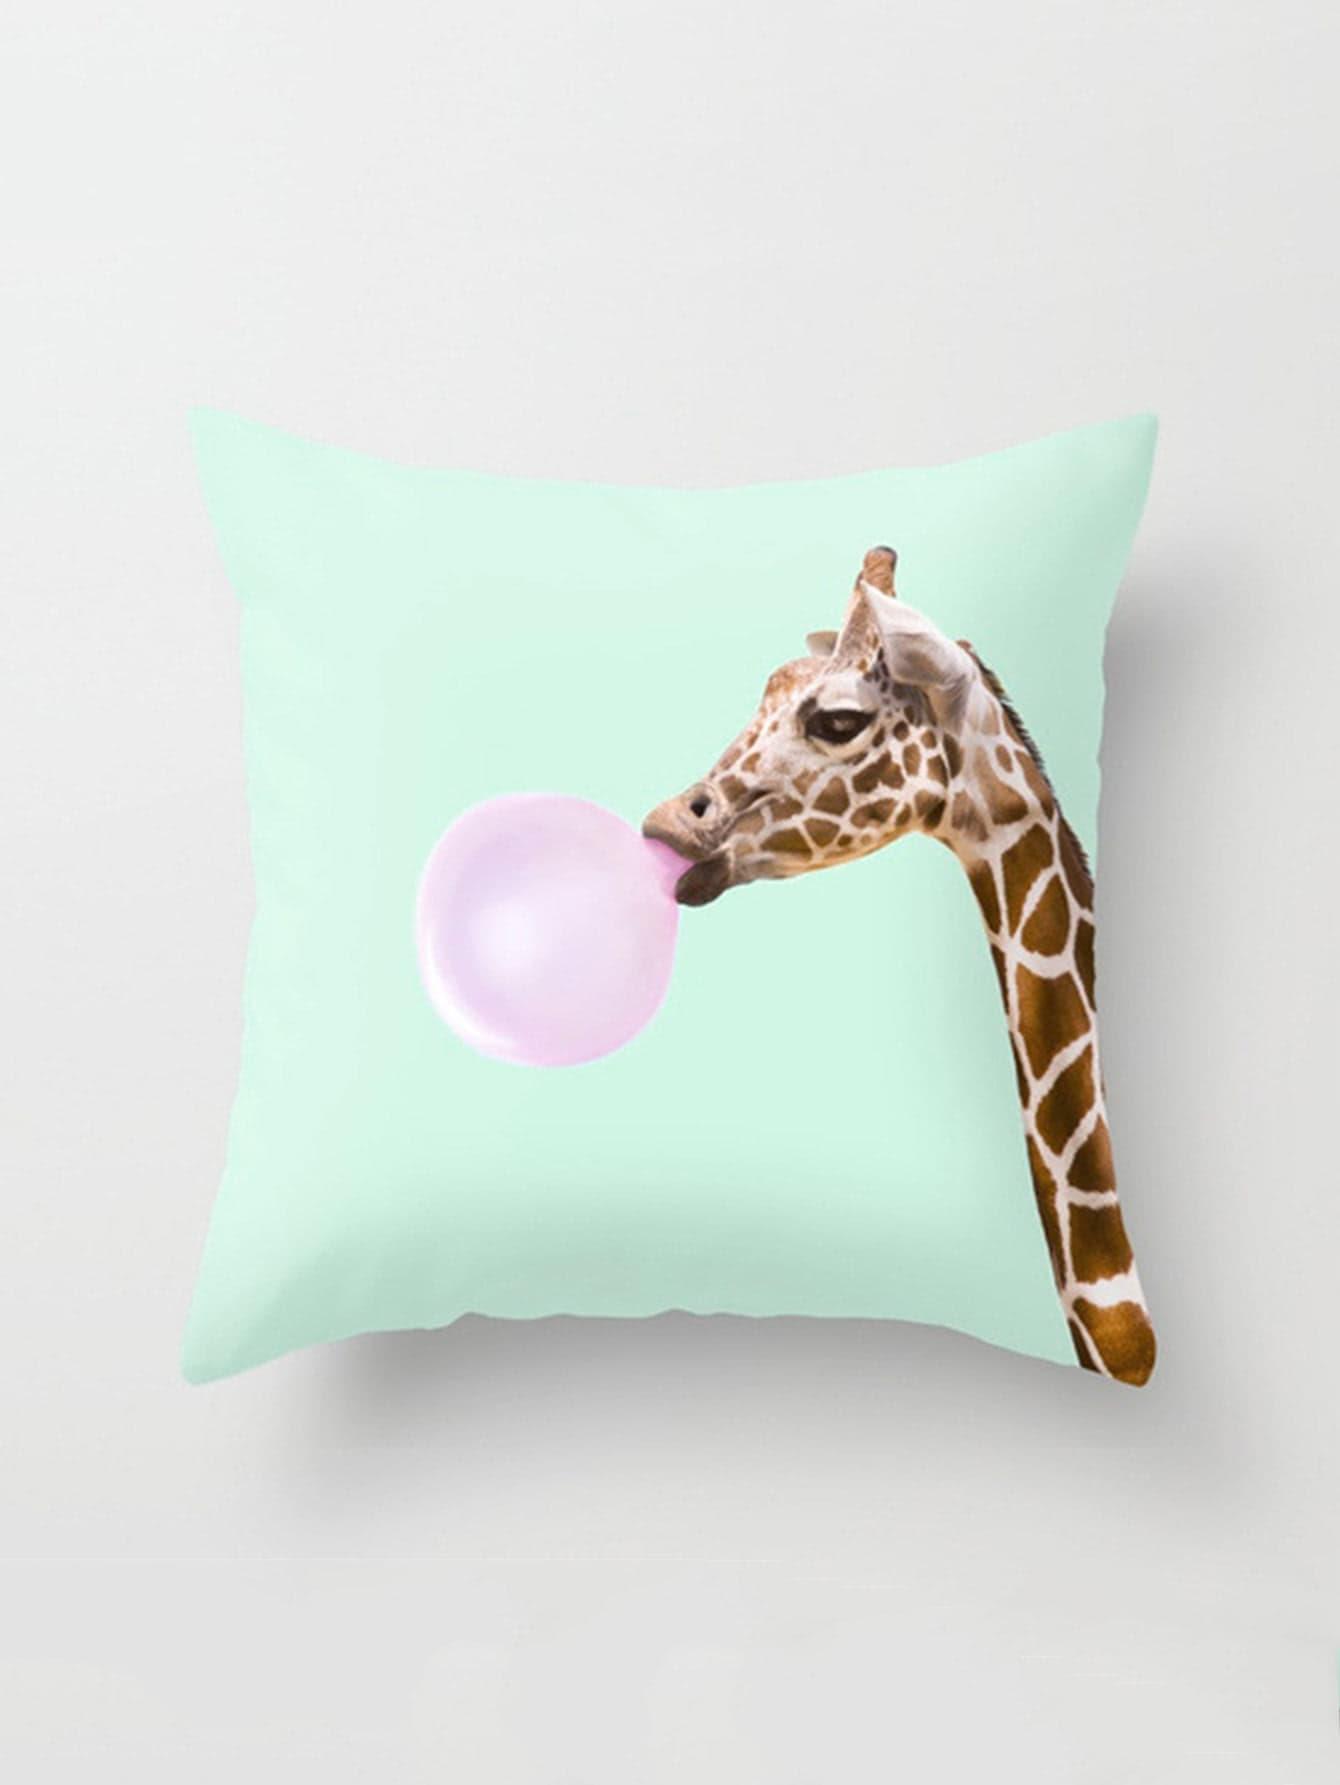 Giraffe Print Pillowcase Cover pug print pillowcase cover